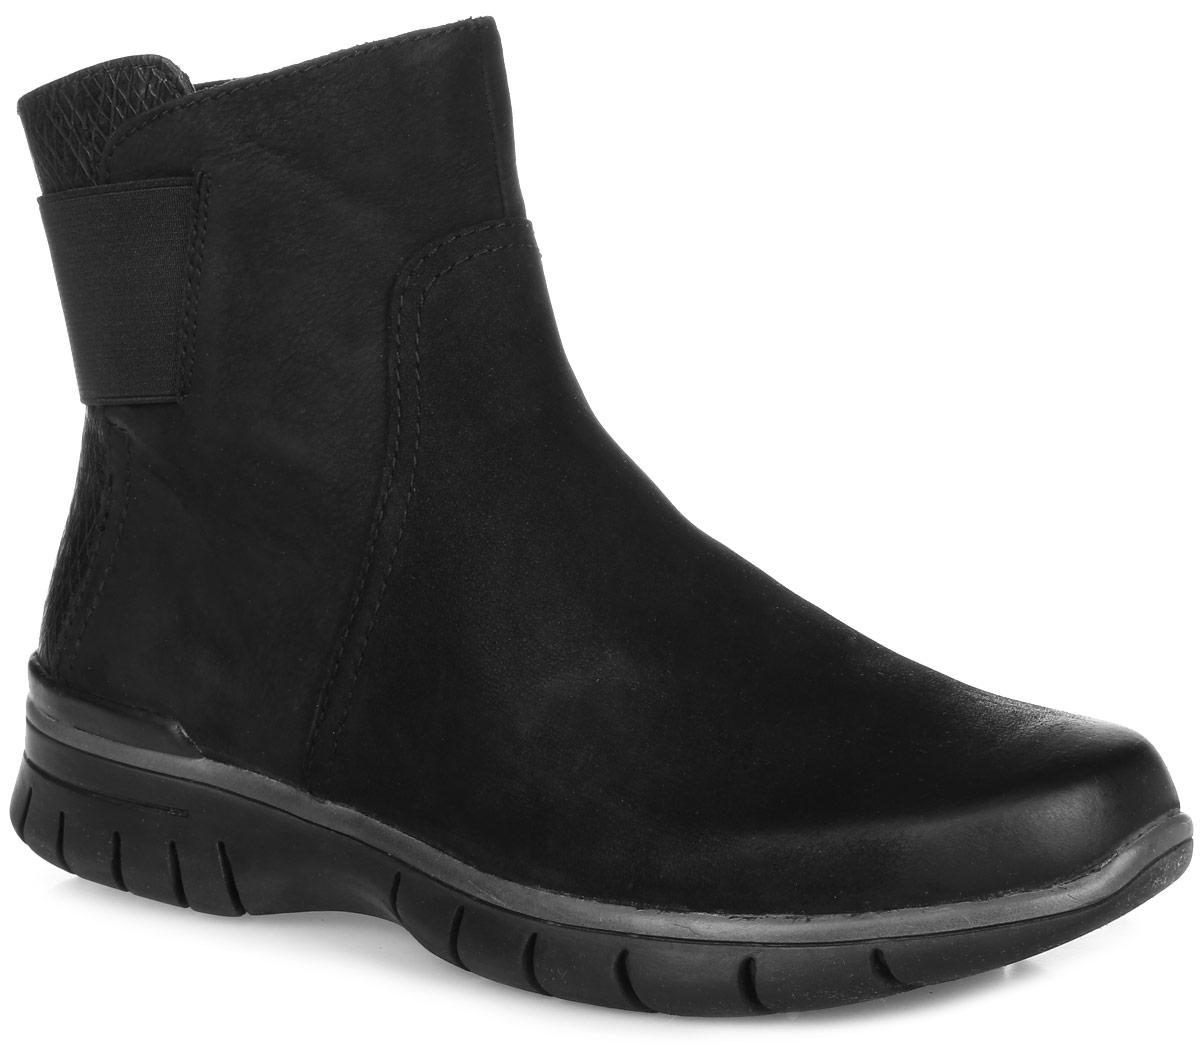 2-2-25443-27-096Стильные ботинки от Marco Tozzi добавят шика в модный образ и подчеркнут ваш безупречный вкус. Модель полностью выполнена из натуральной кожи. Задник модели выполнен из фактурной кожи и дополнен эластичной резинкой. На ноге модель фиксируется с помощью удобной боковой молнии. Подкладка и стелька, выполненные из мягкого текстиля, обеспечат максимальный комфорт при движении. Подошва с рифлением защищает изделие от скольжения. Такие элегантные ботинки займут достойное место в вашем гардеробе.